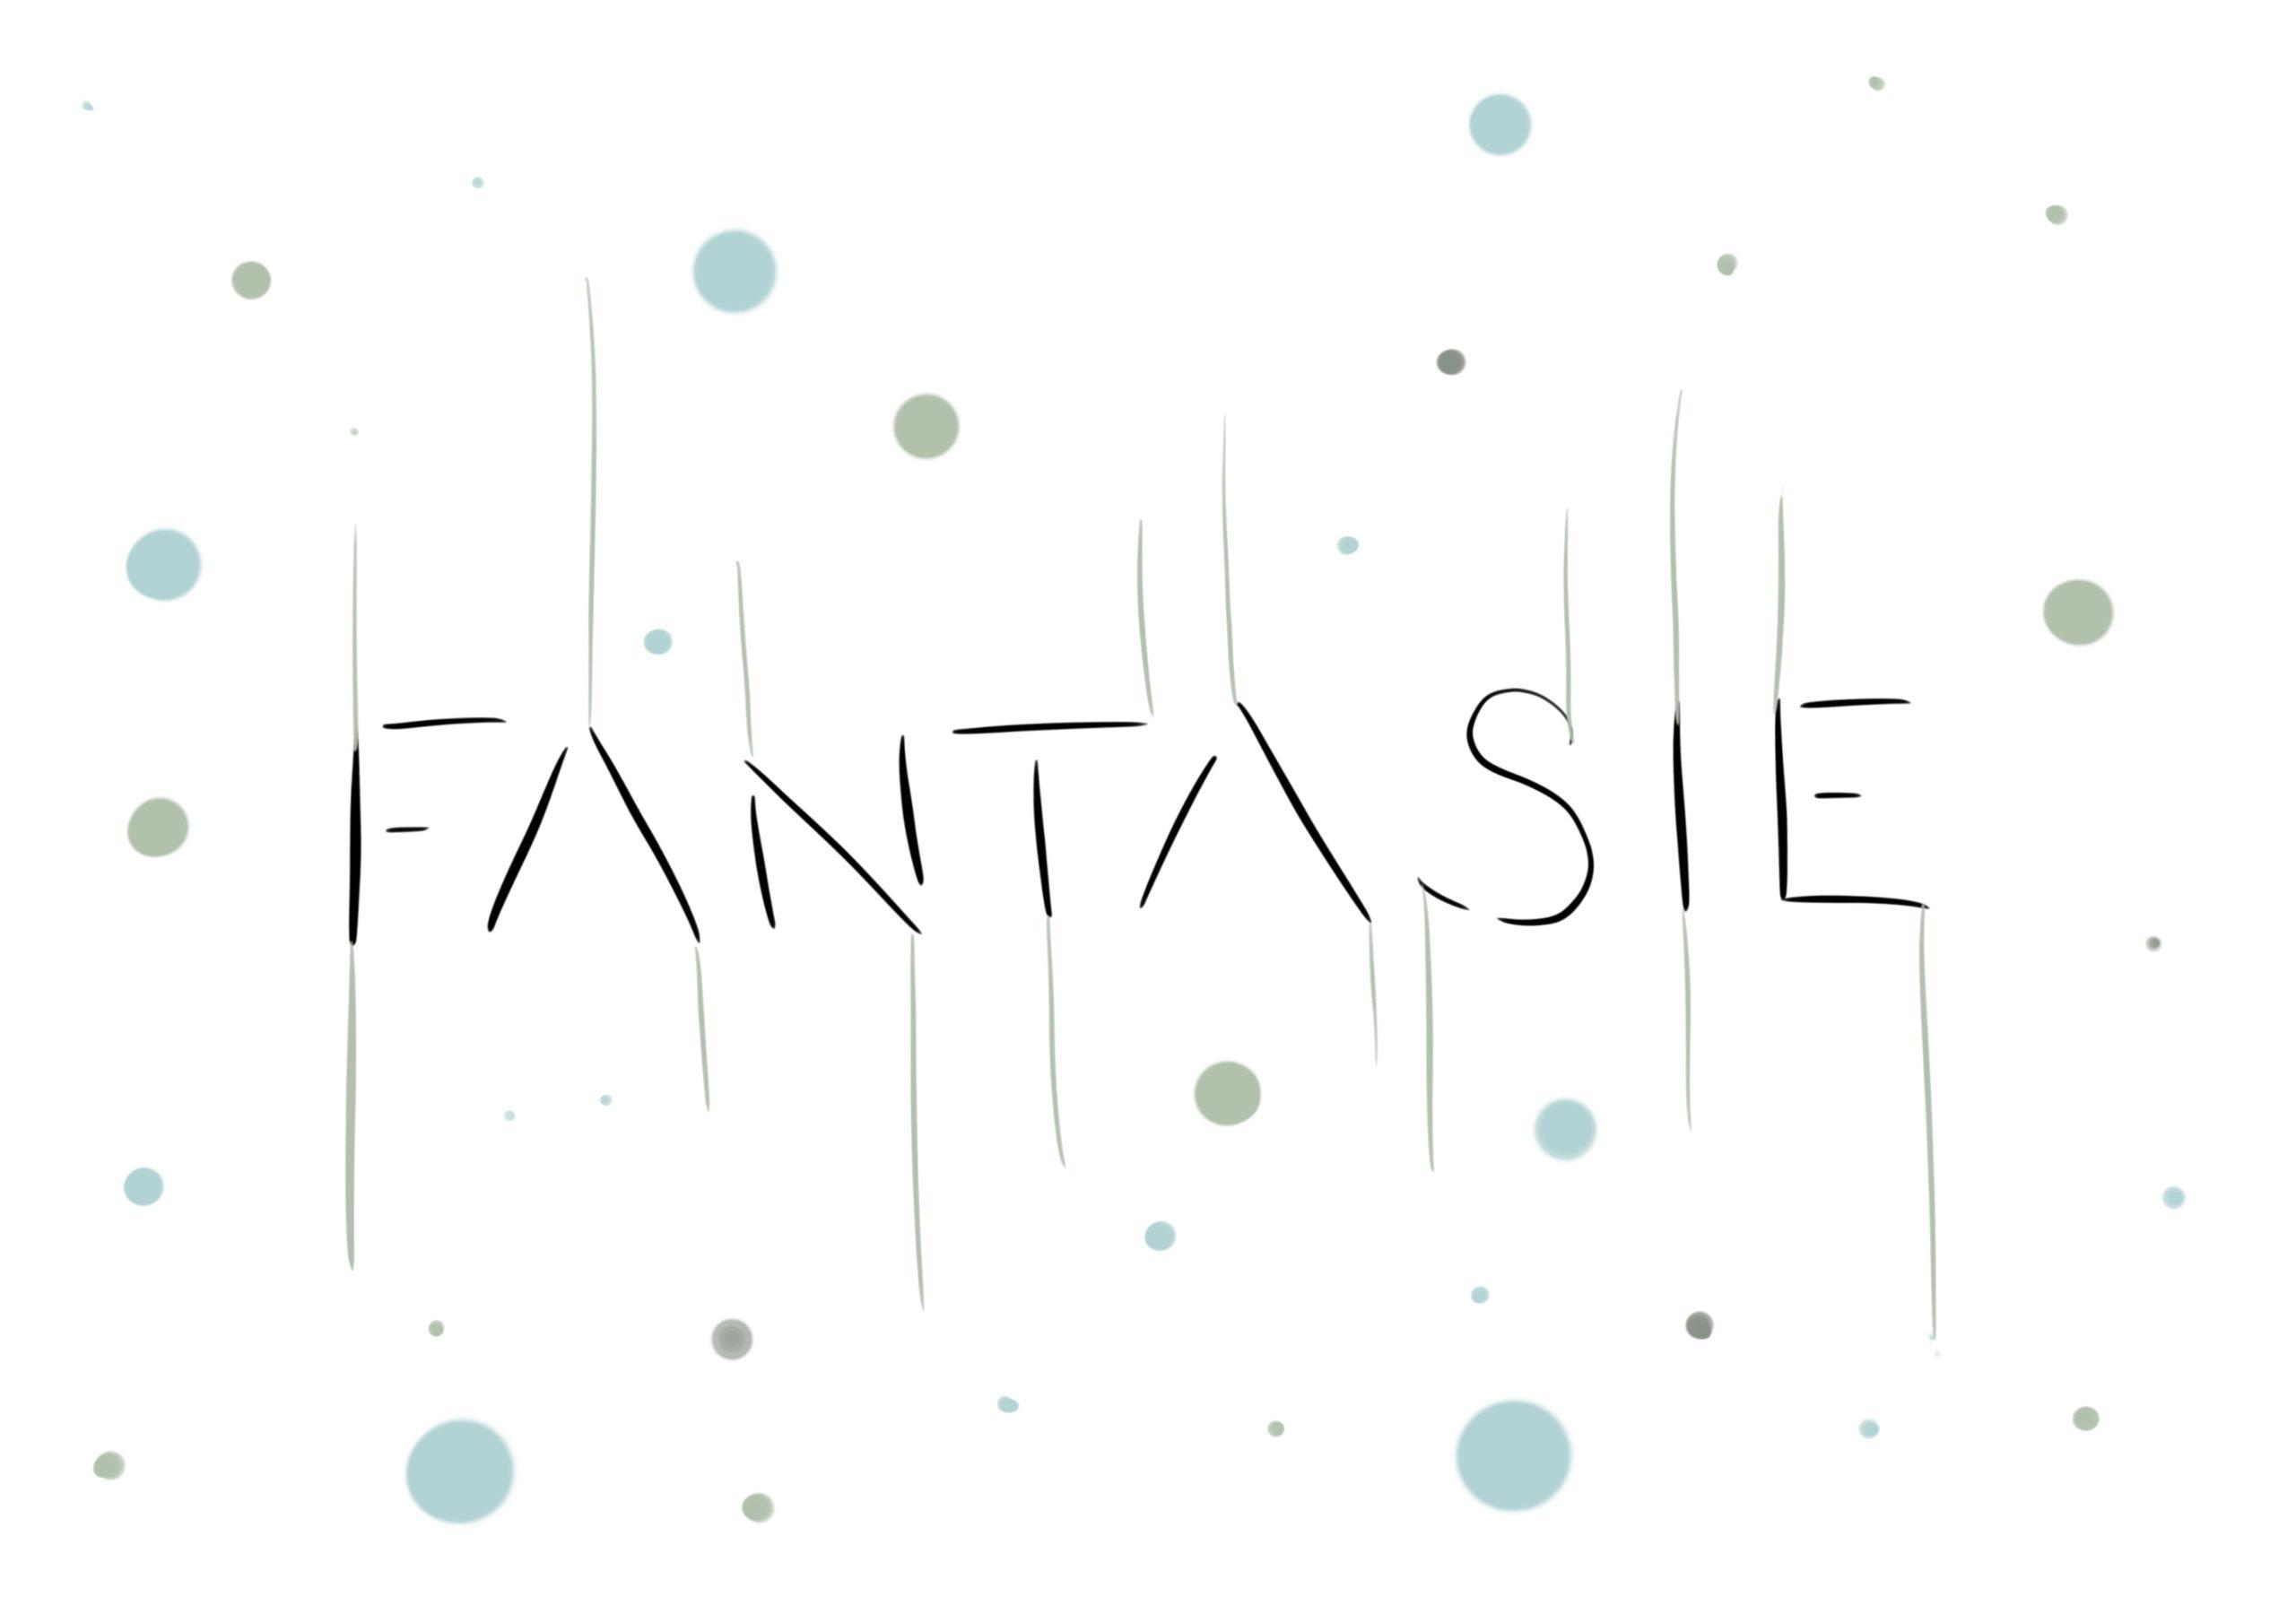 Eine ungewöhnliche Lettering Schrift mit offenen Buchstaben aus dem Fantasy Font Lettering Alphabet. Jeder Buchstabe wird ergänzt durch senkrechte Linien. Abgerundet wird das Brushpen Lettering durch Kreise und Punkte, die mit dem Brushoen hinzugefügt wurde.